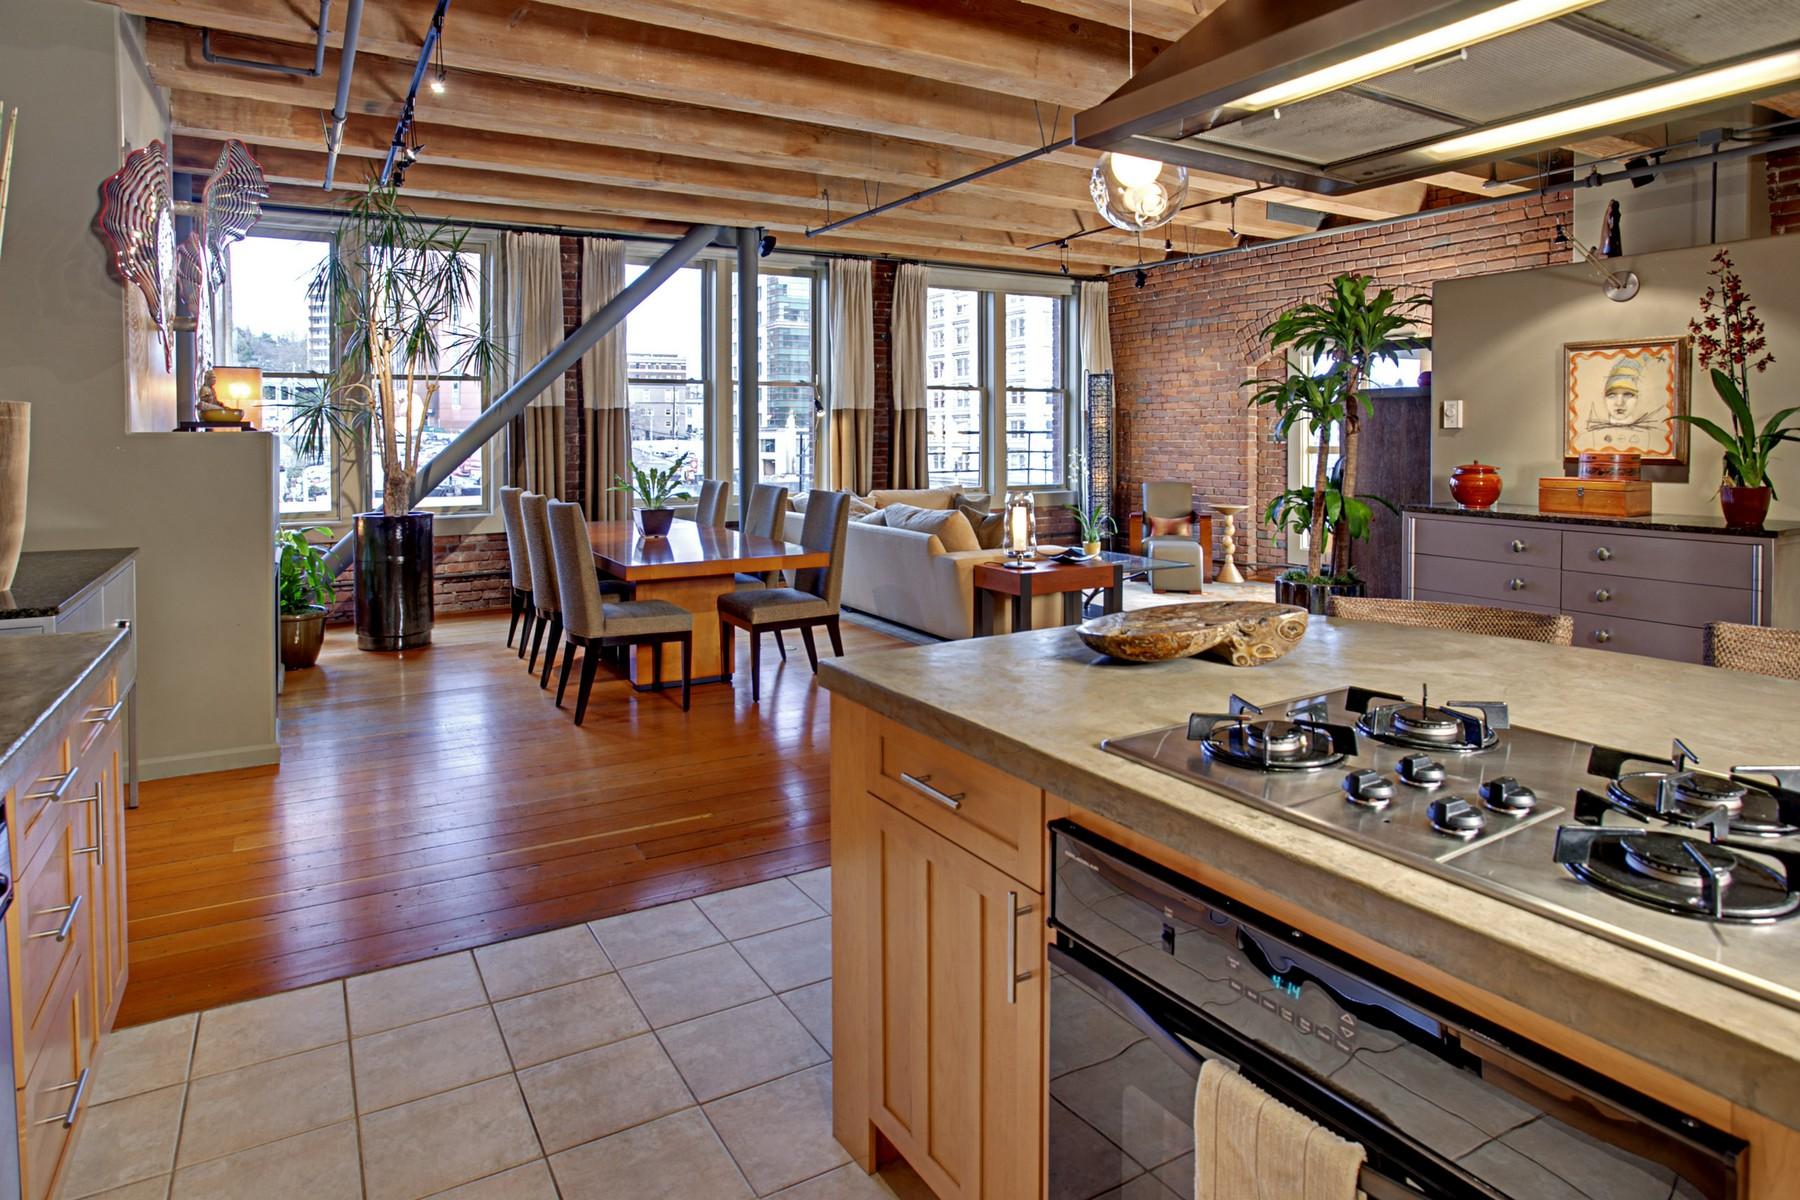 13 Kitchen05.jpg